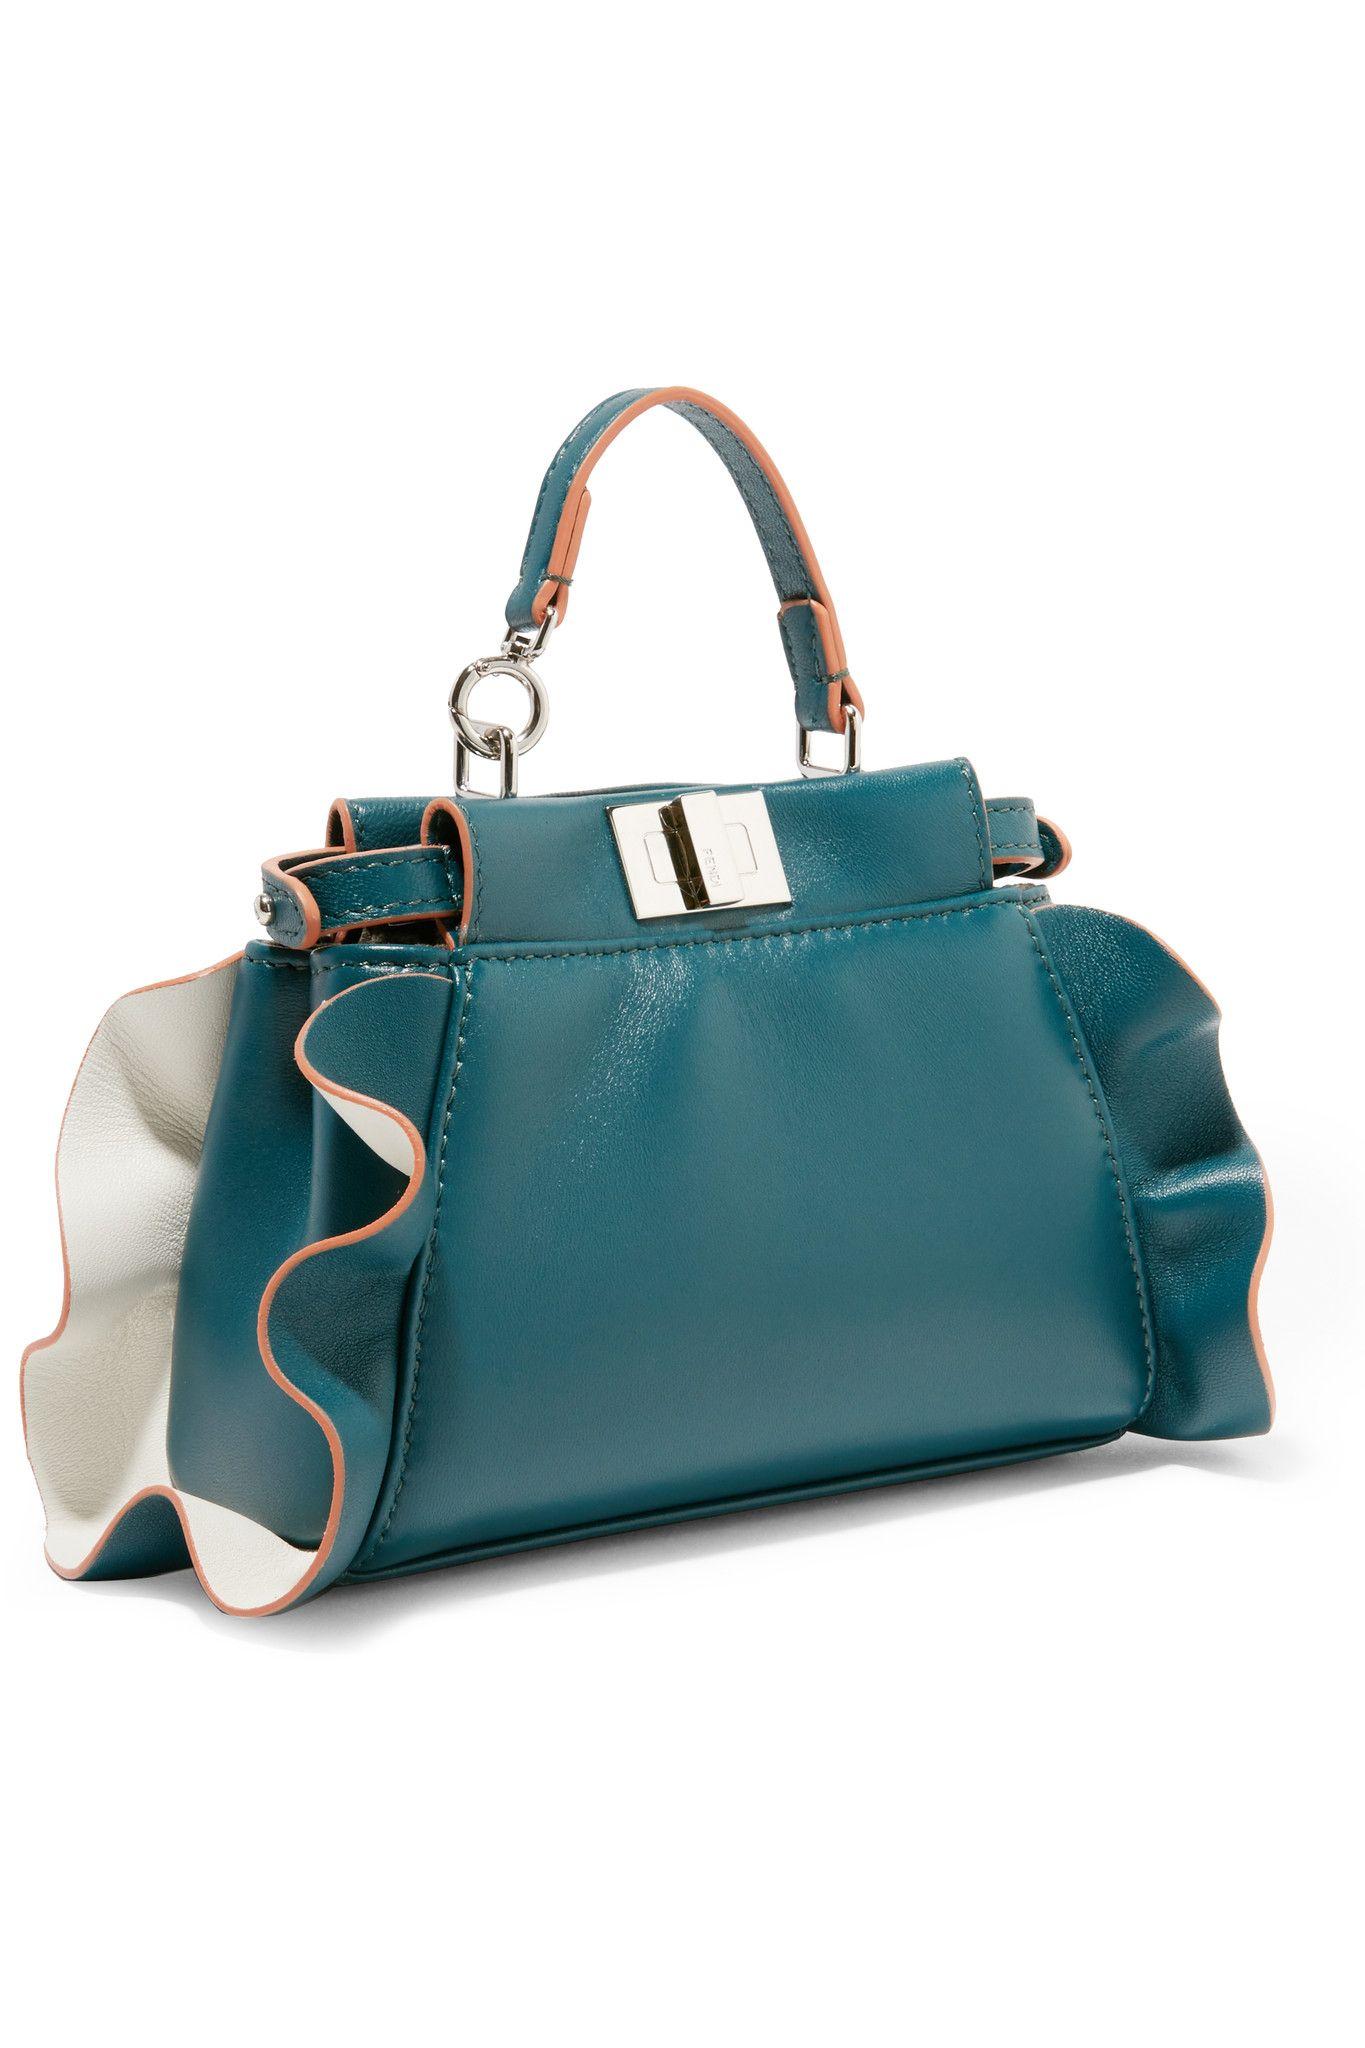 VIDA Tote Bag - peek-a-boo bag by VIDA 0FfkV1w